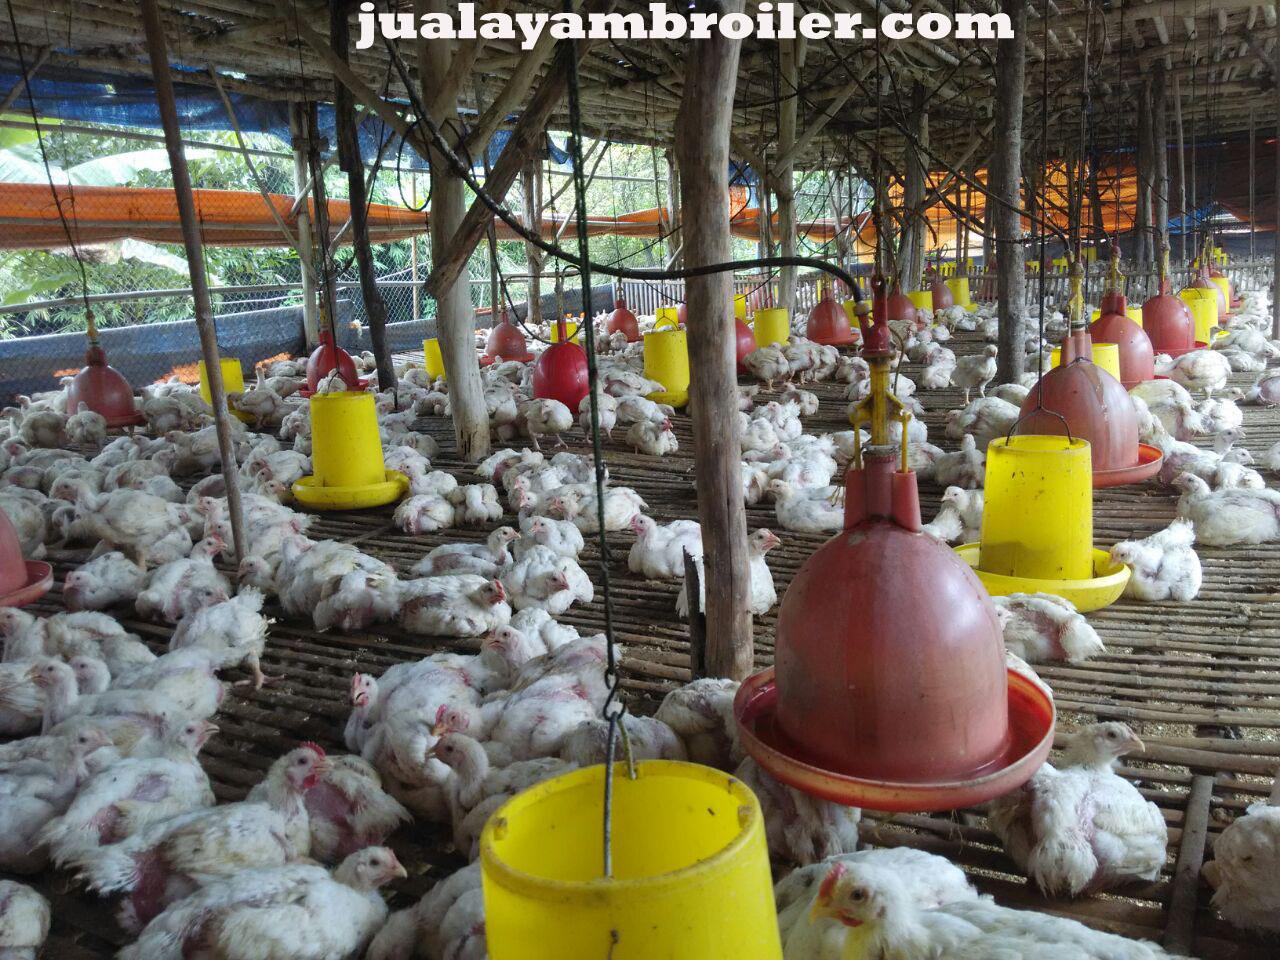 Jual Ayam Karkas di Cipinang Muara Jakarta Timur